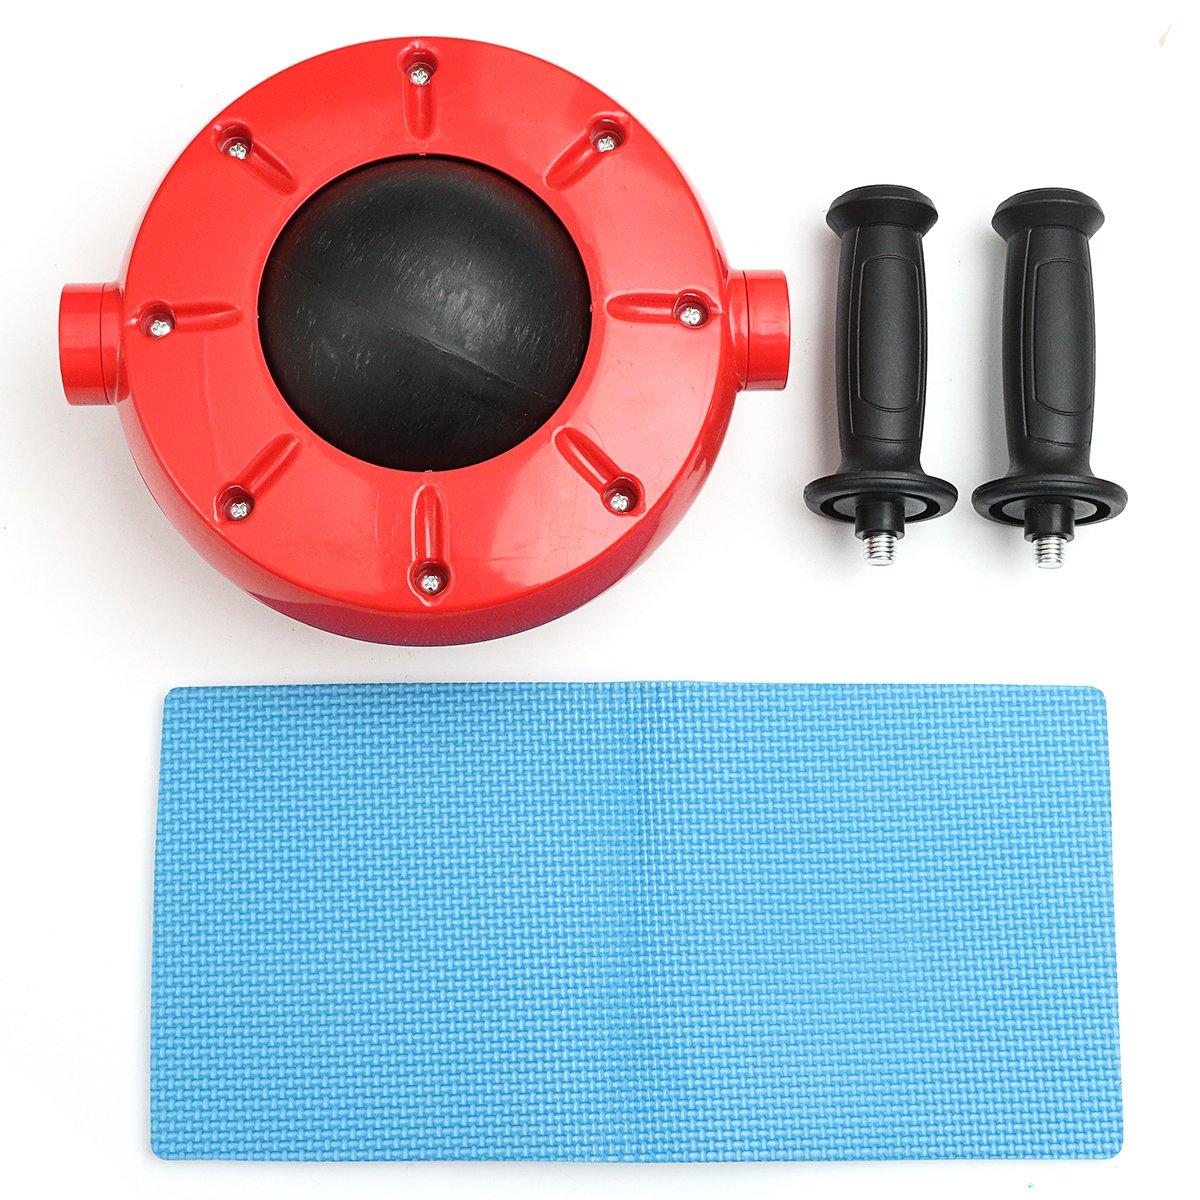 Blaulover Free Degrees Abdominal Wheel Roller Fitness Training Fitness-Studio Power Roller